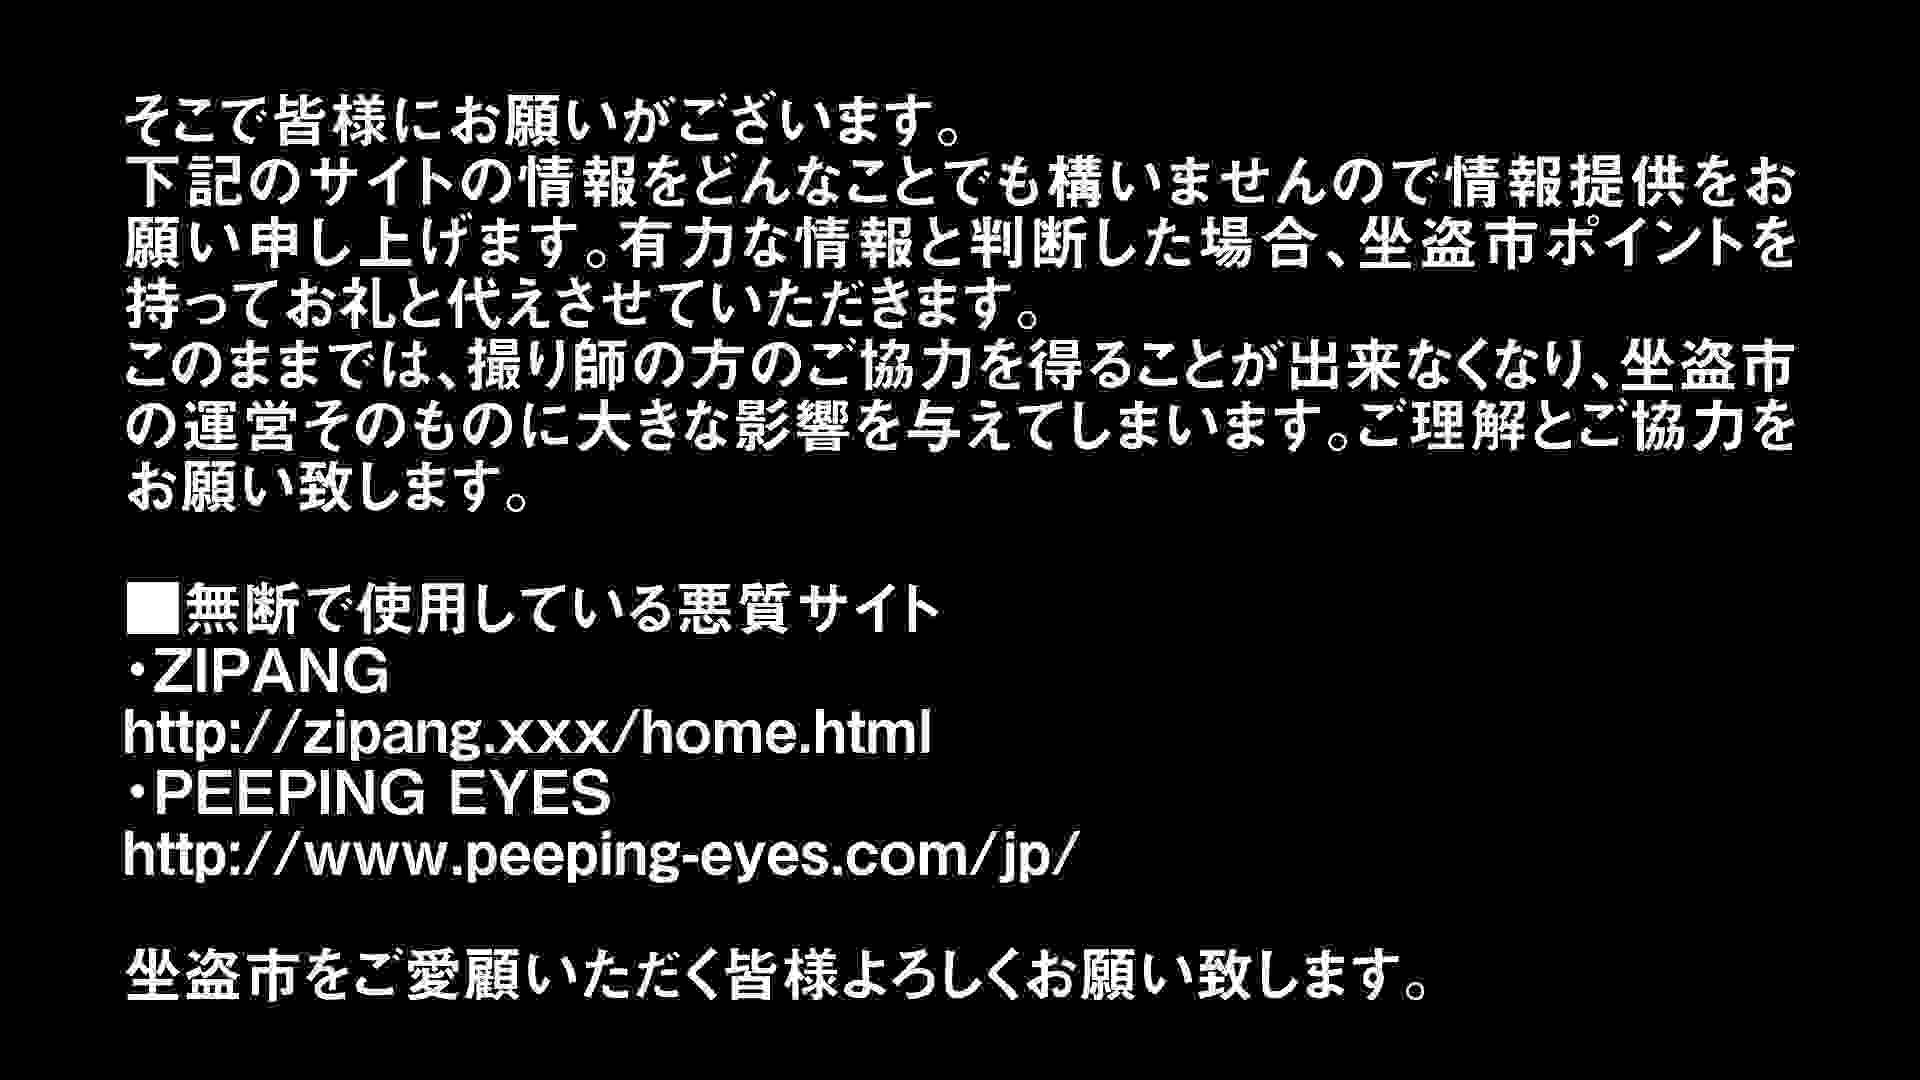 Vol.68 出産まであと少し ダイナマイト妊婦 妊婦萌え エロ画像 89枚 35